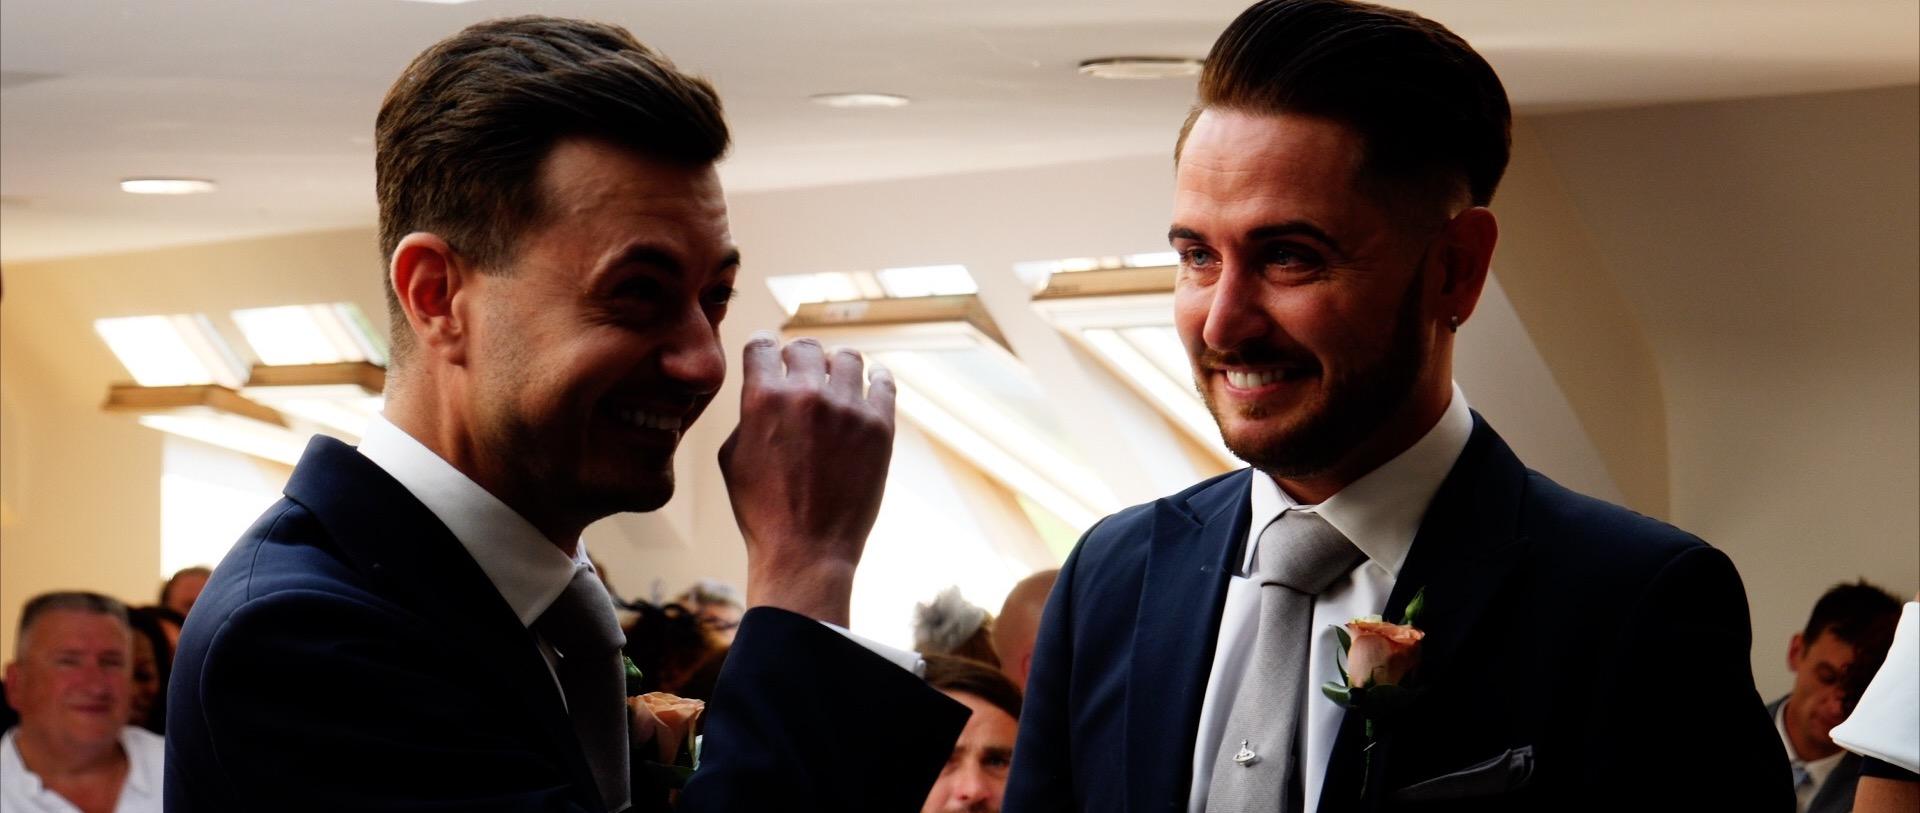 Same Sex Wedding Video Essex